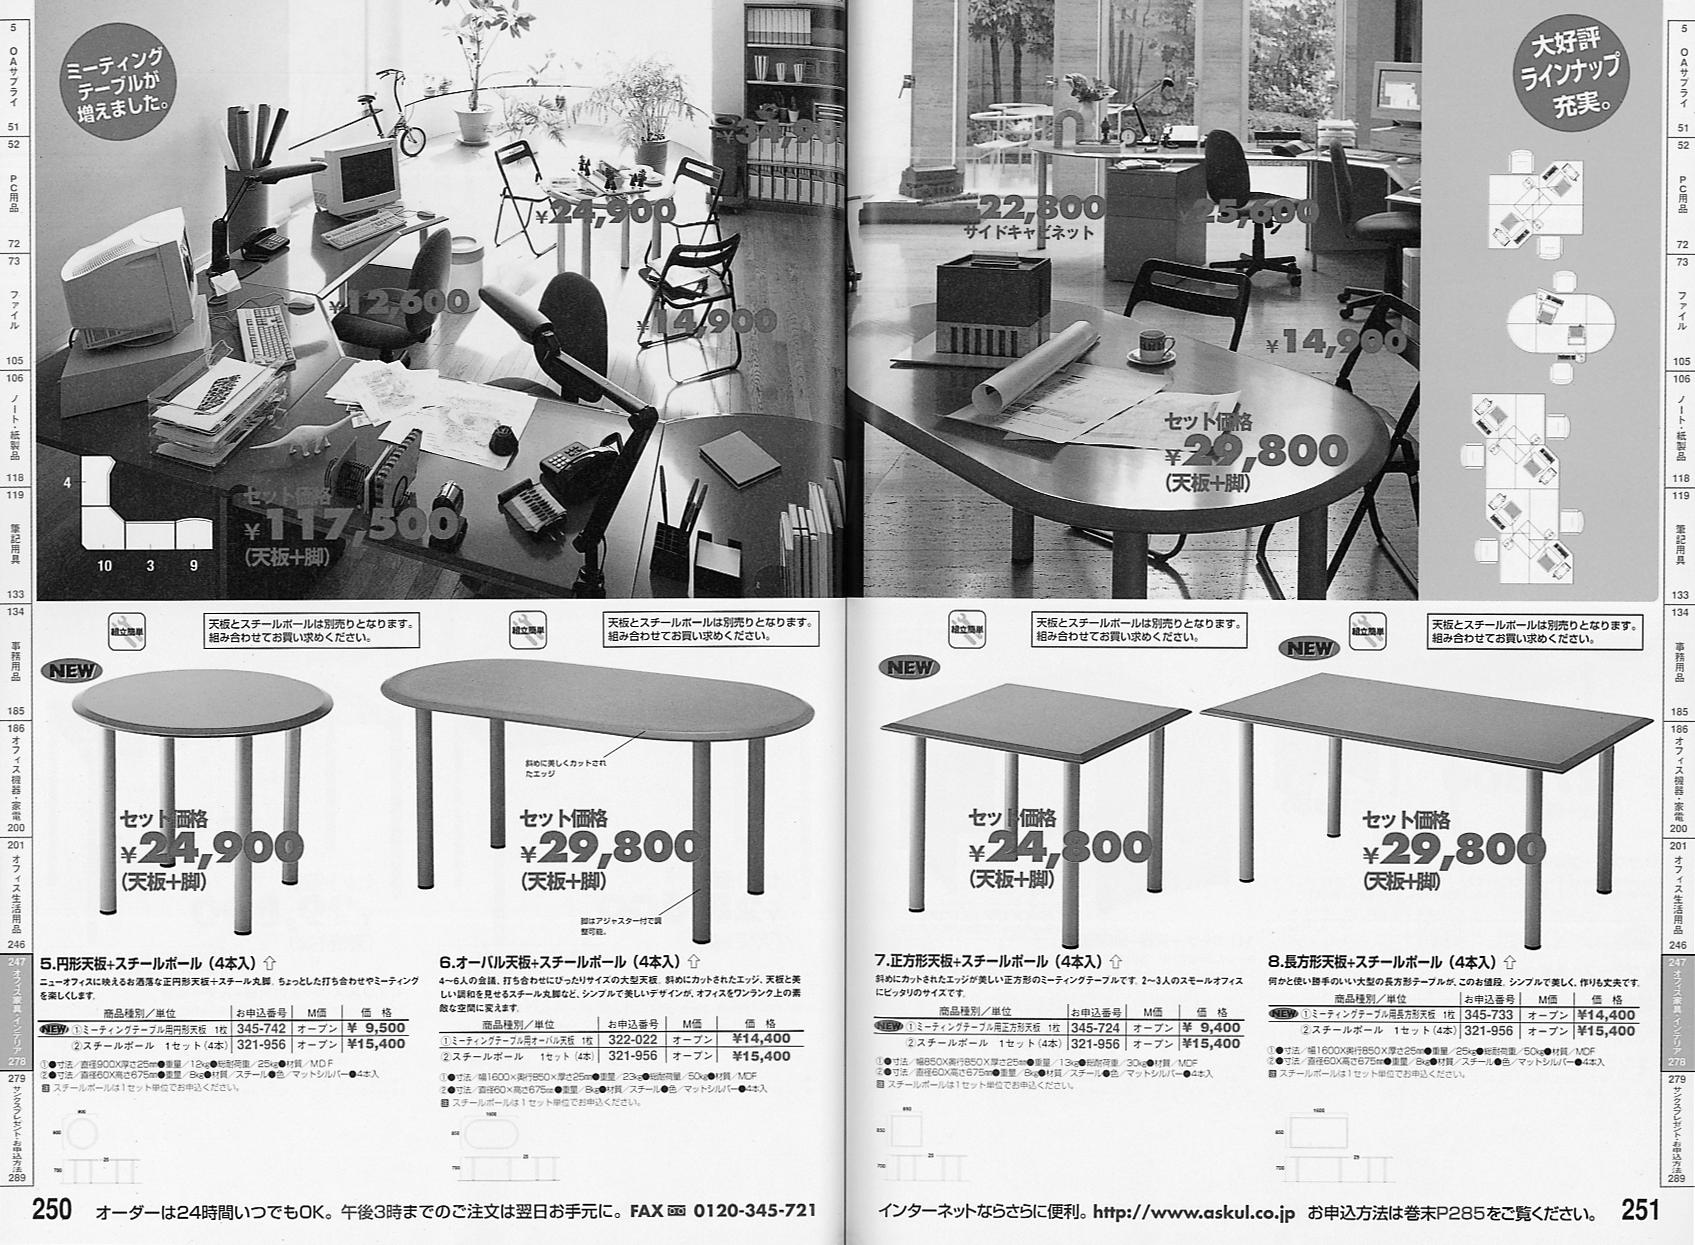 『アスクル』カタログ。右は、機能だけでなくデザインにもこだわった、オリジナルのオフィス家具のページ